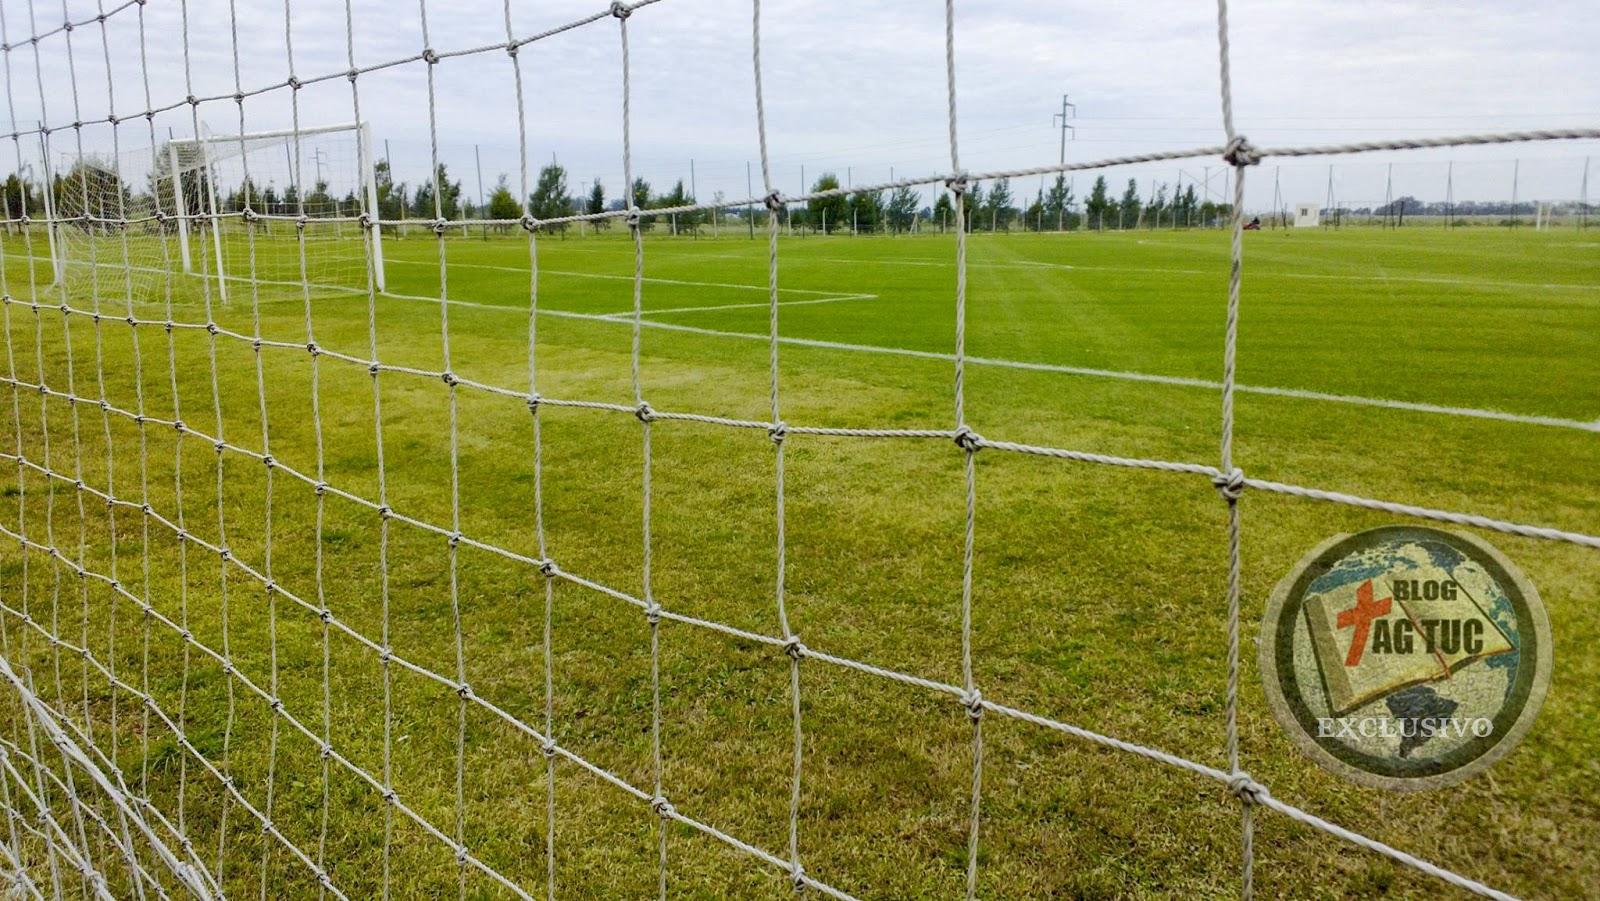 Imagenes De Canchas De Futbol 11 - Cancha de fútbol Medidas y dimensiones oficiales de la FIFA